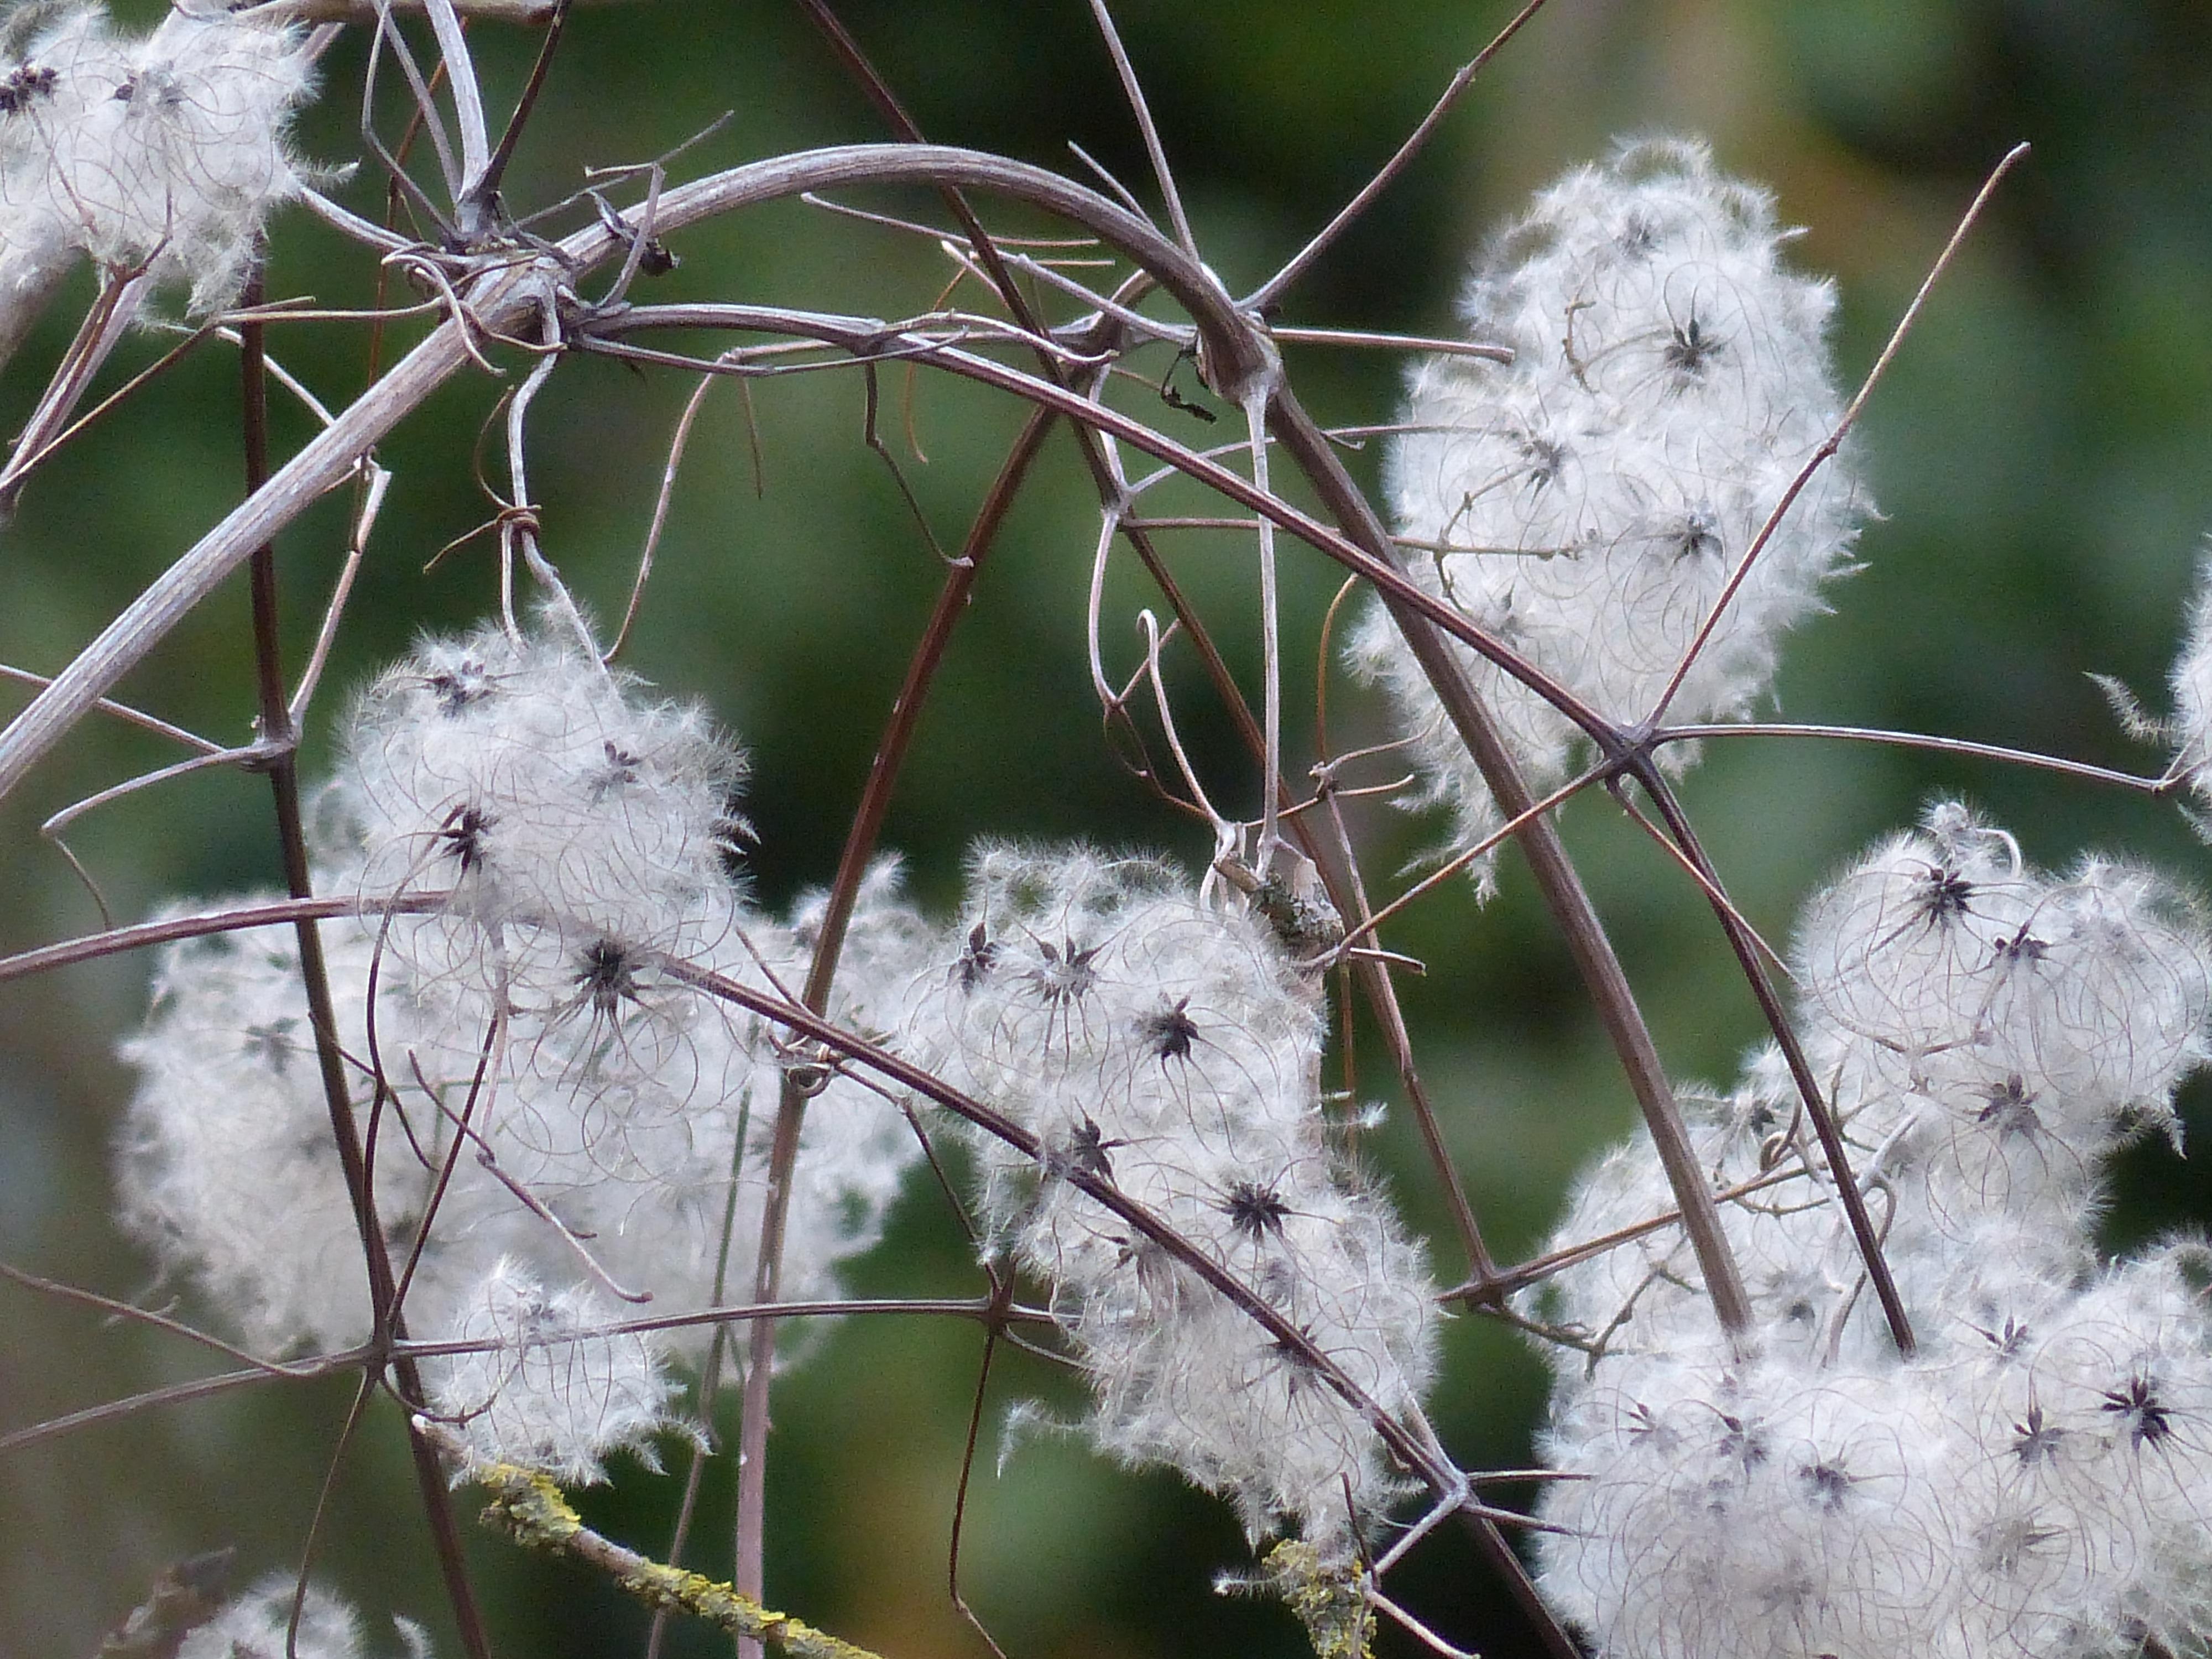 Branche Fleur De Coton images gratuites : la nature, herbe, branche, fleur, neige